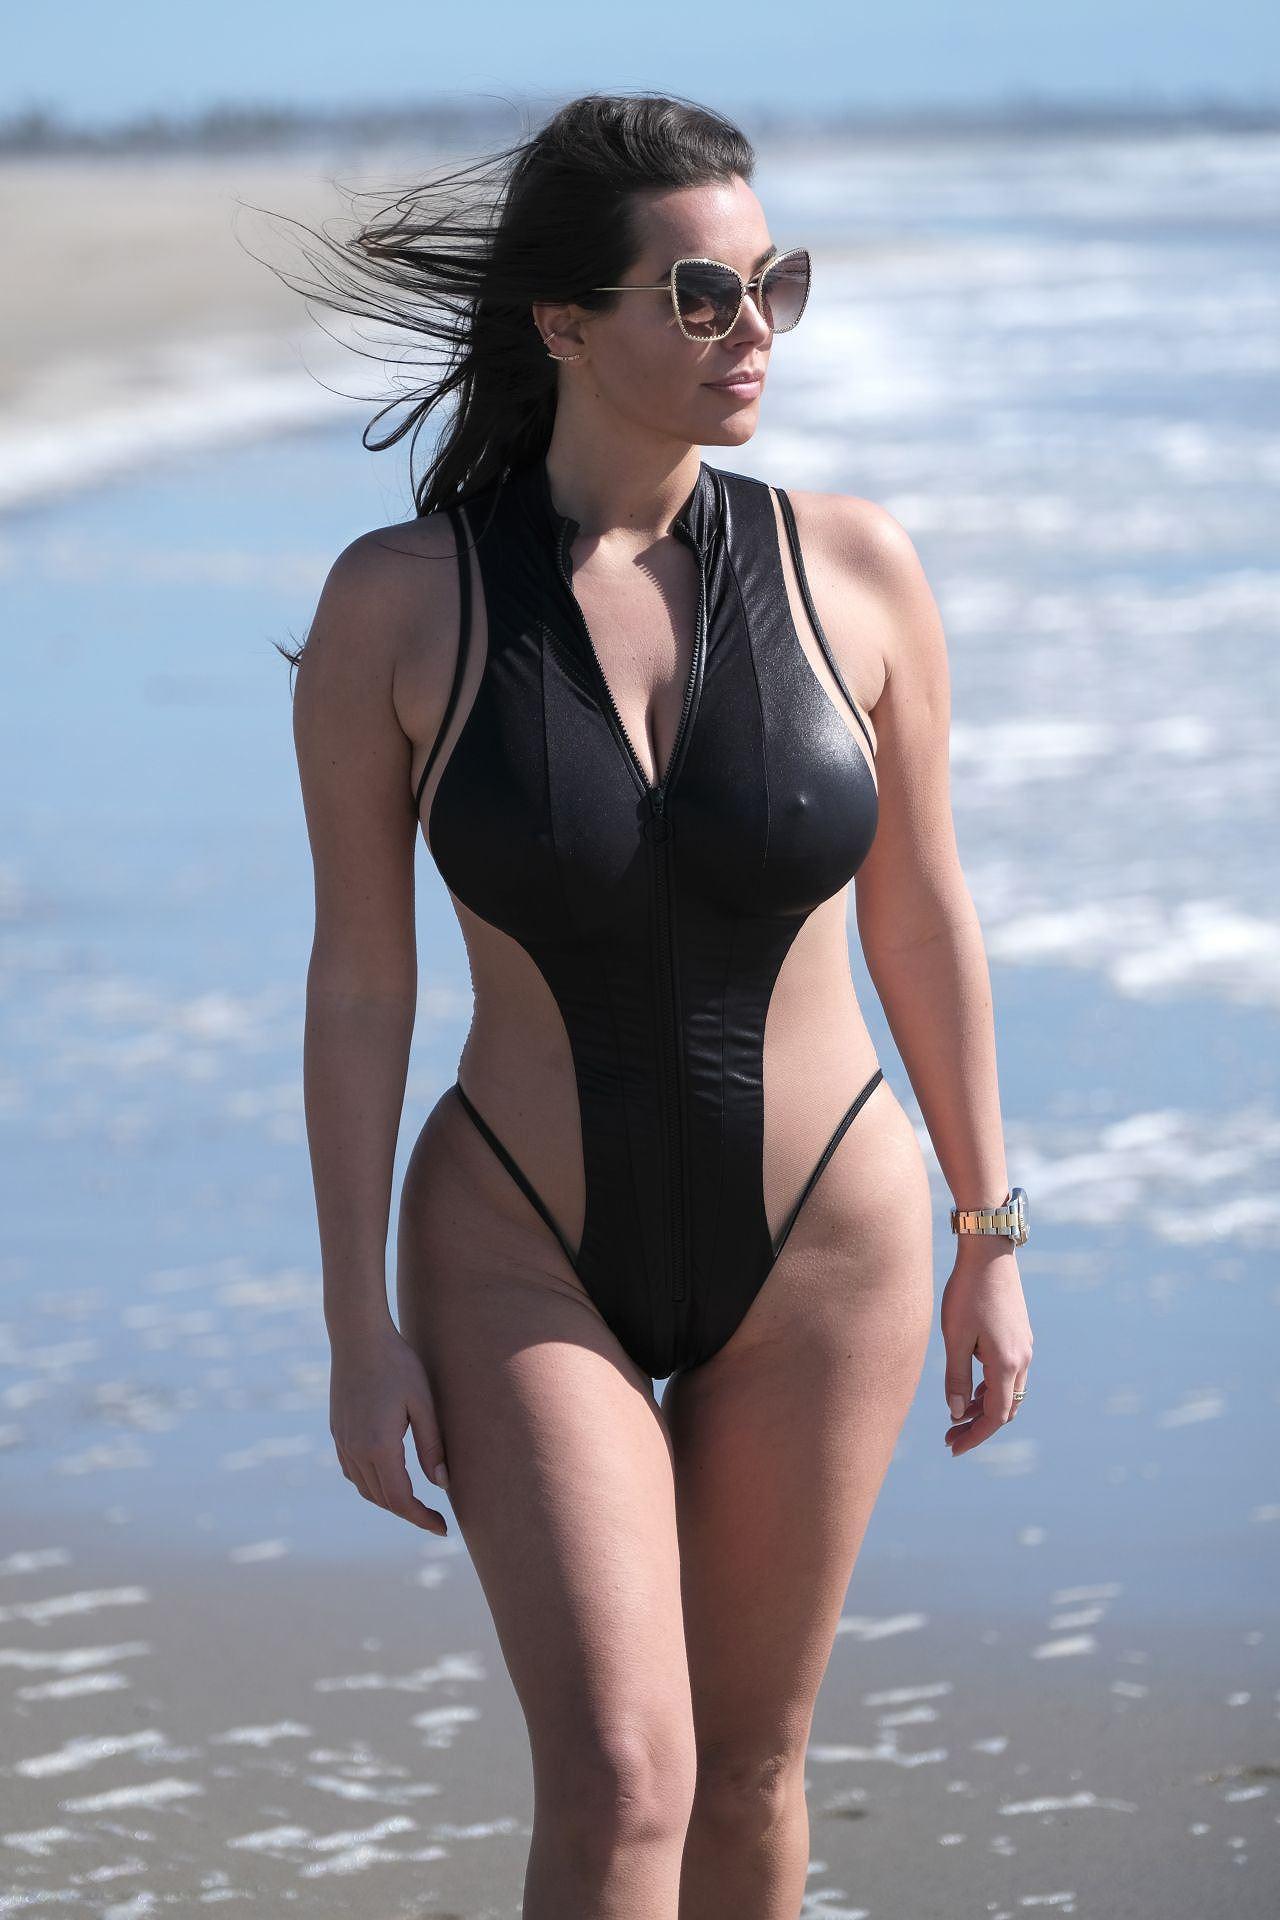 Người mẫu ngoại cỡ Ý khoe dáng phồn thực, nóng 'bỏng mắt' với áo tắm Ảnh 8